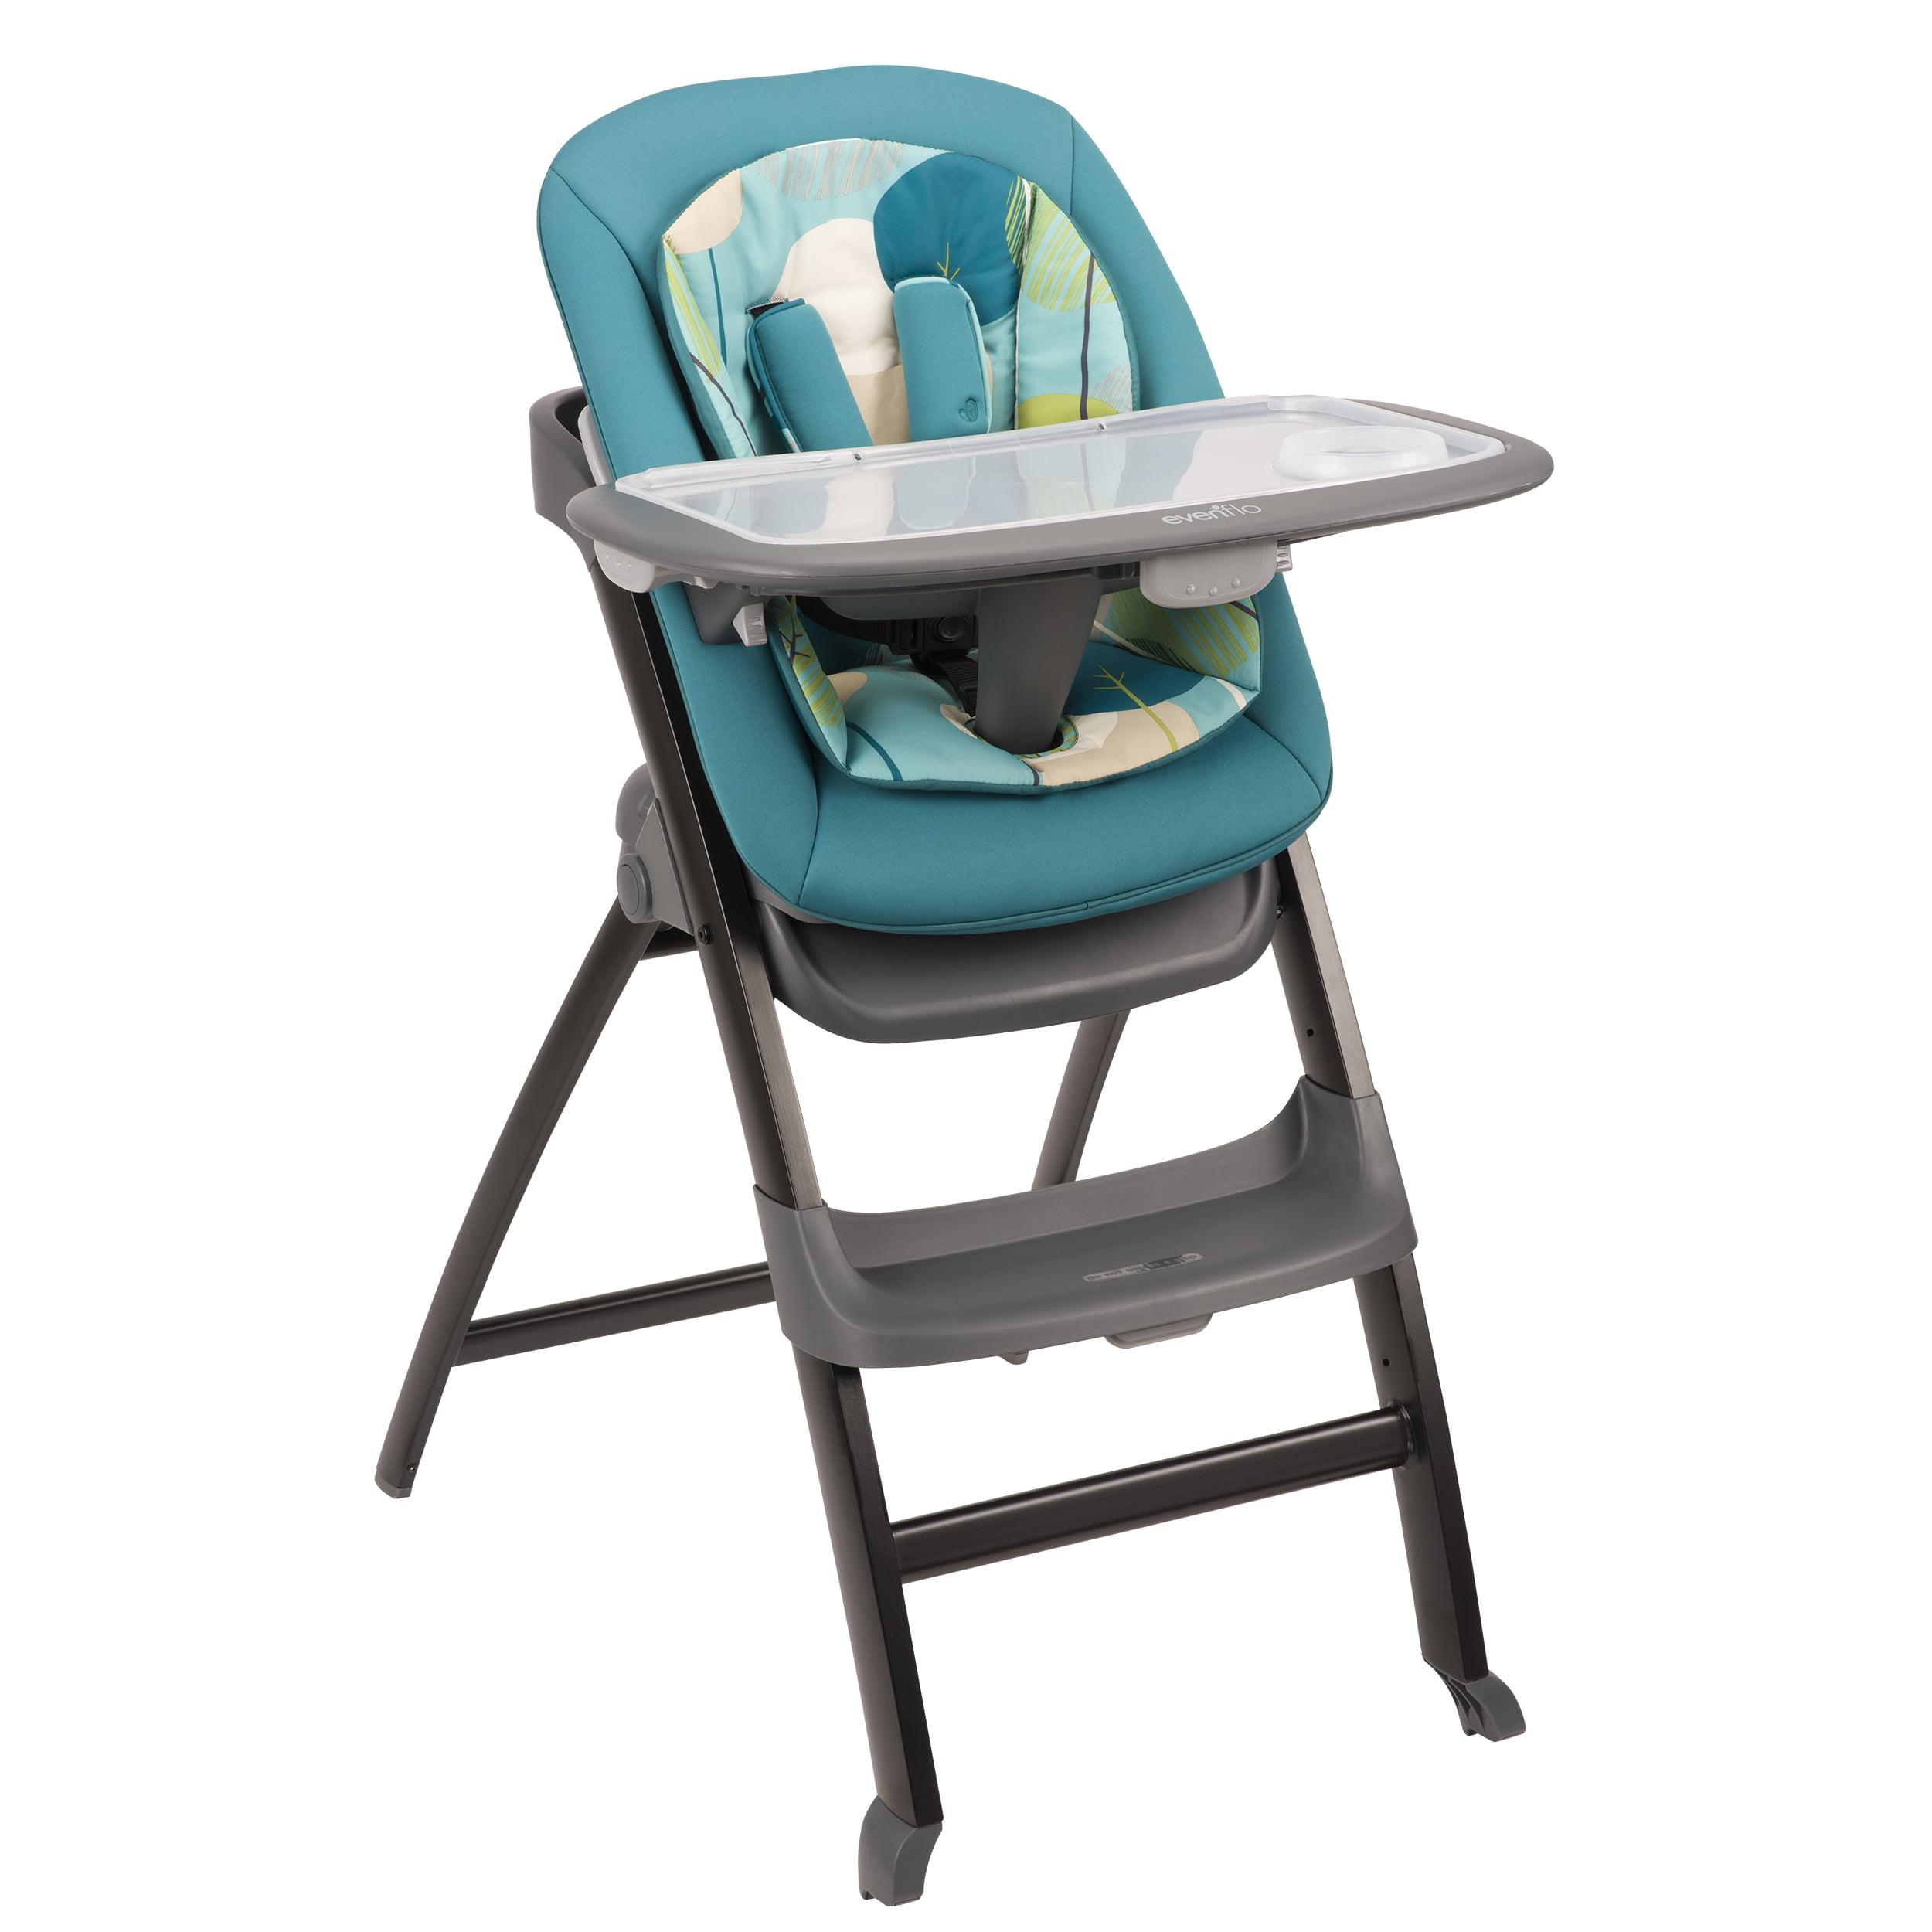 Evenflo 4-in-1 Quatore High Chair, Deep Lake by Evenflo